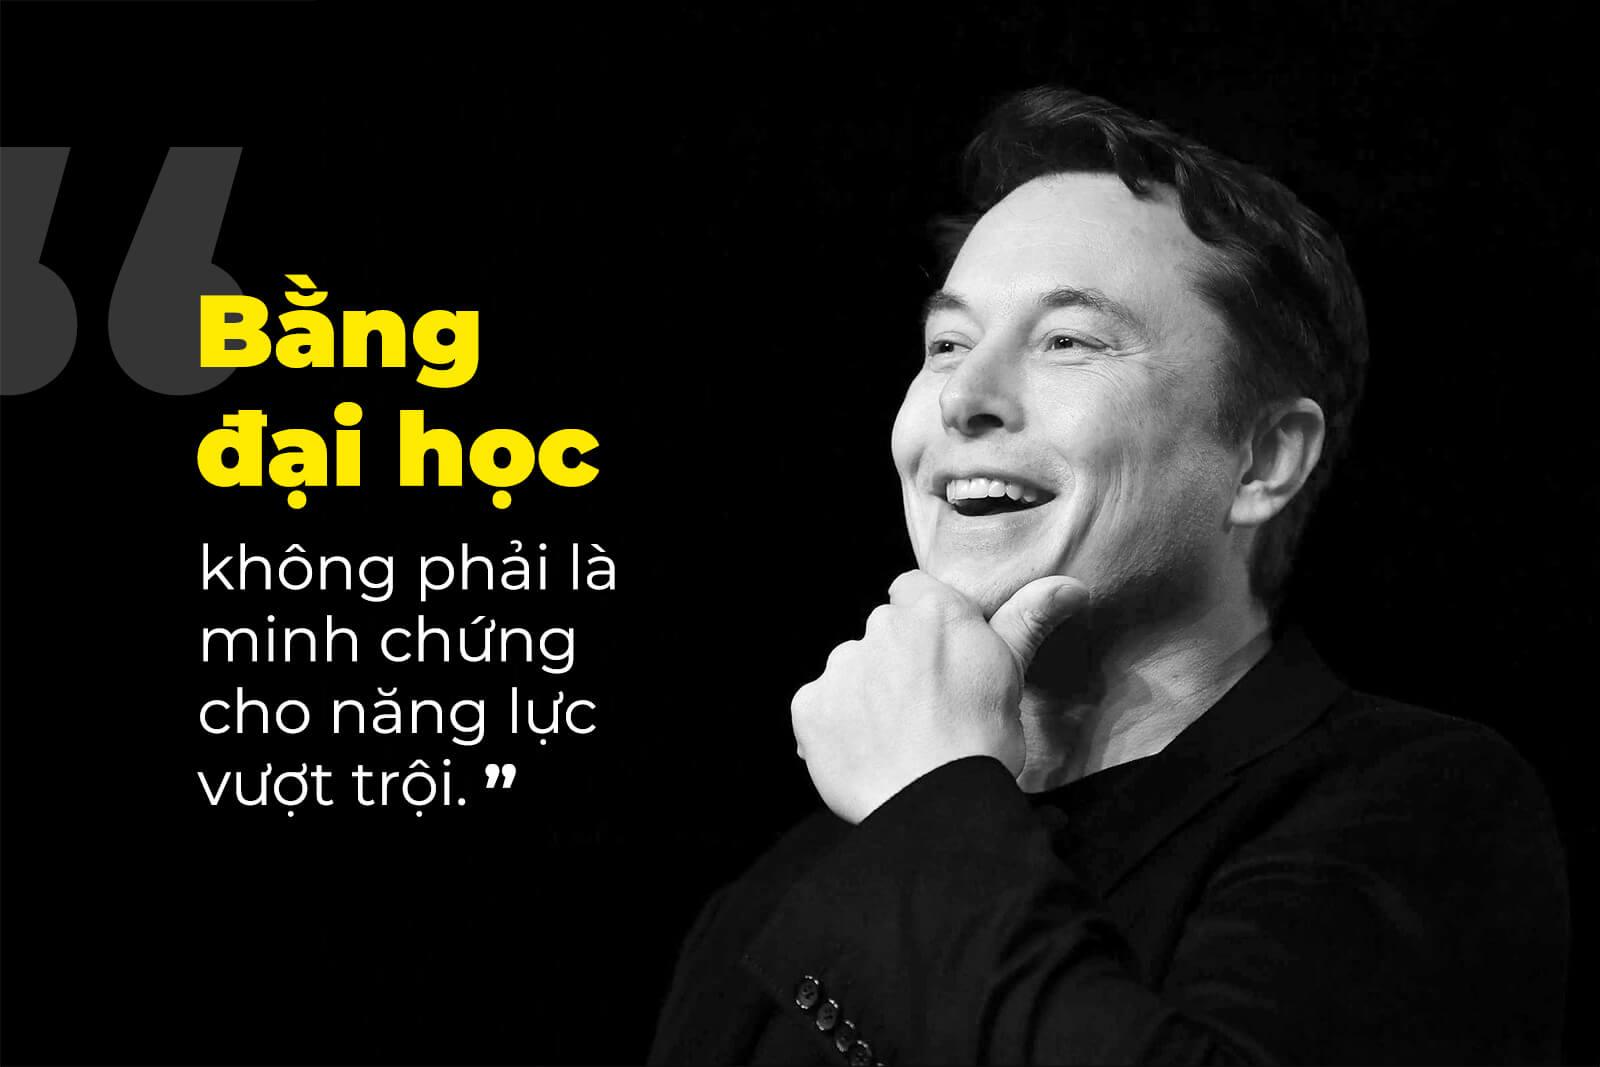 """Elon Musk: """"Với tôi, bằng đại học không phải là minh chứng cho năng lực vượt trội"""""""